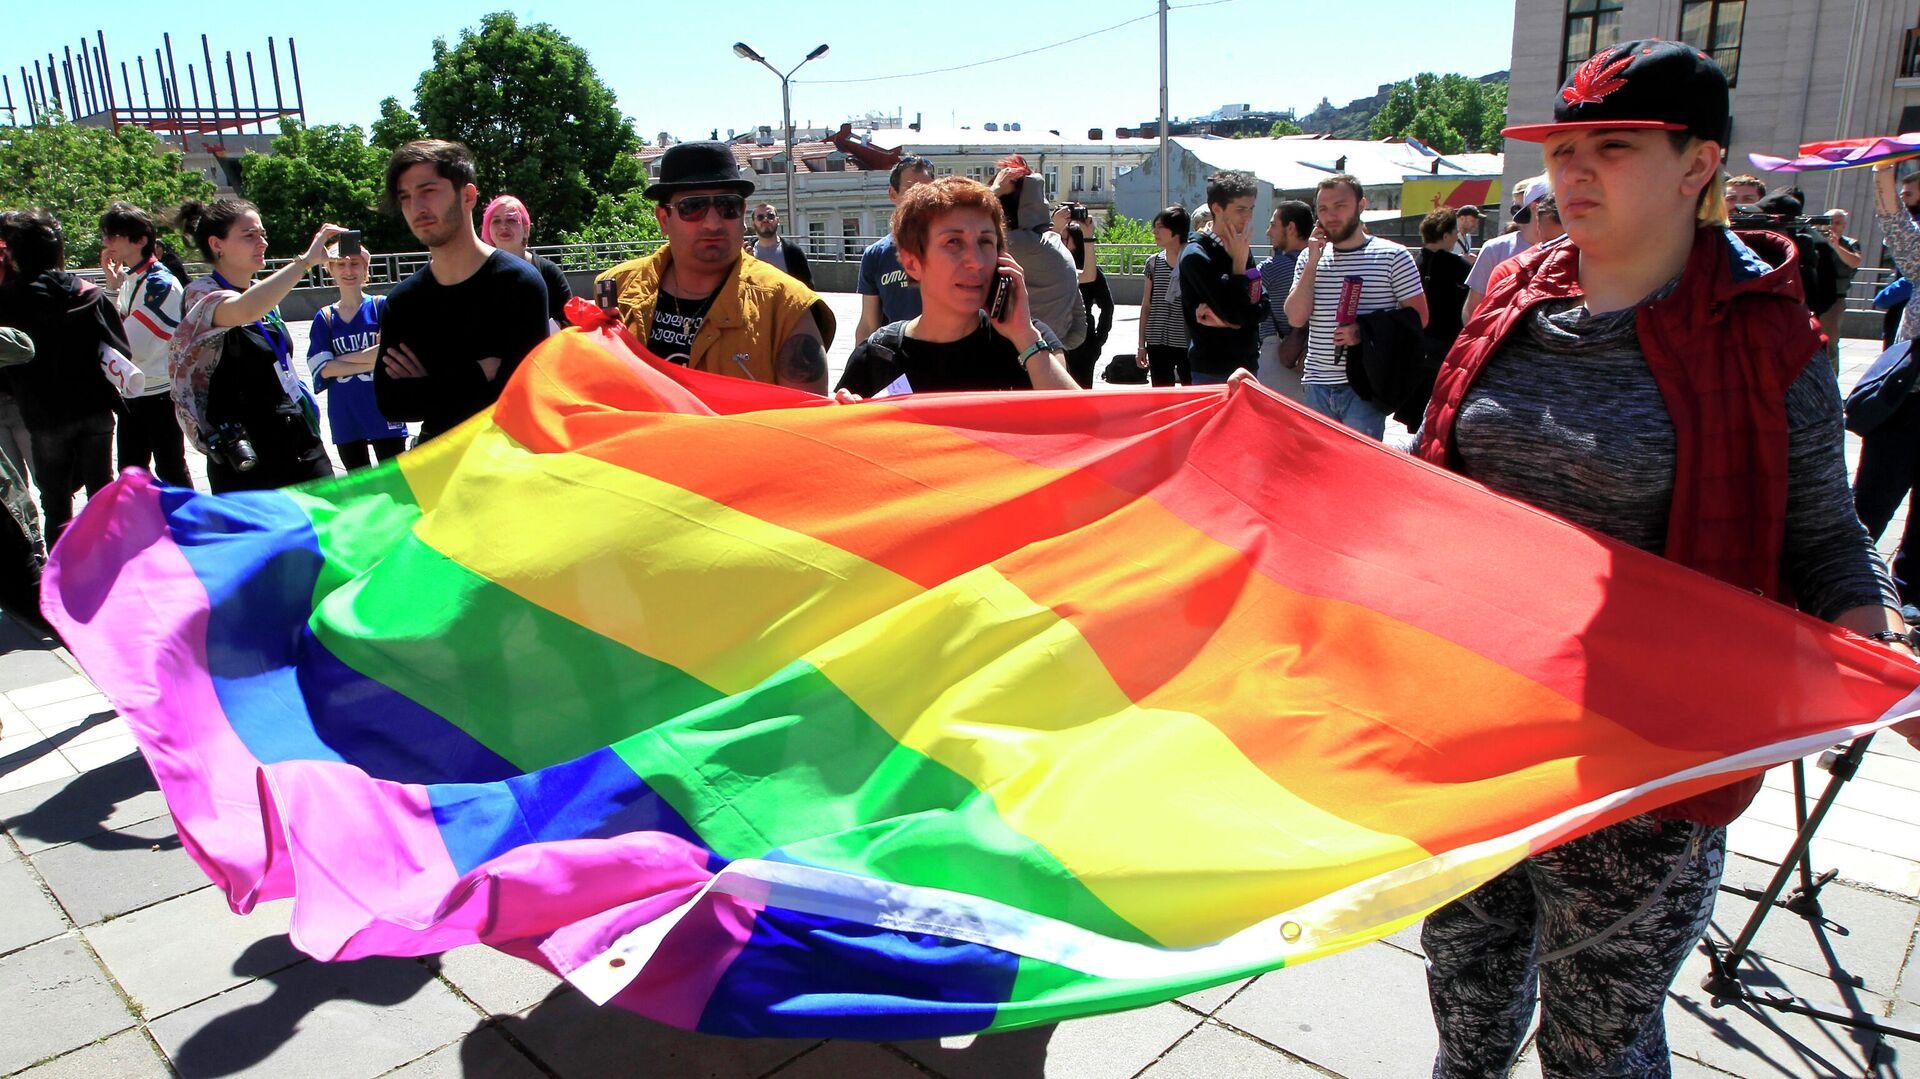 Участники акции в поддержку ЛГБТ сообщества в Тбилиси - РИА Новости, 1920, 05.07.2021